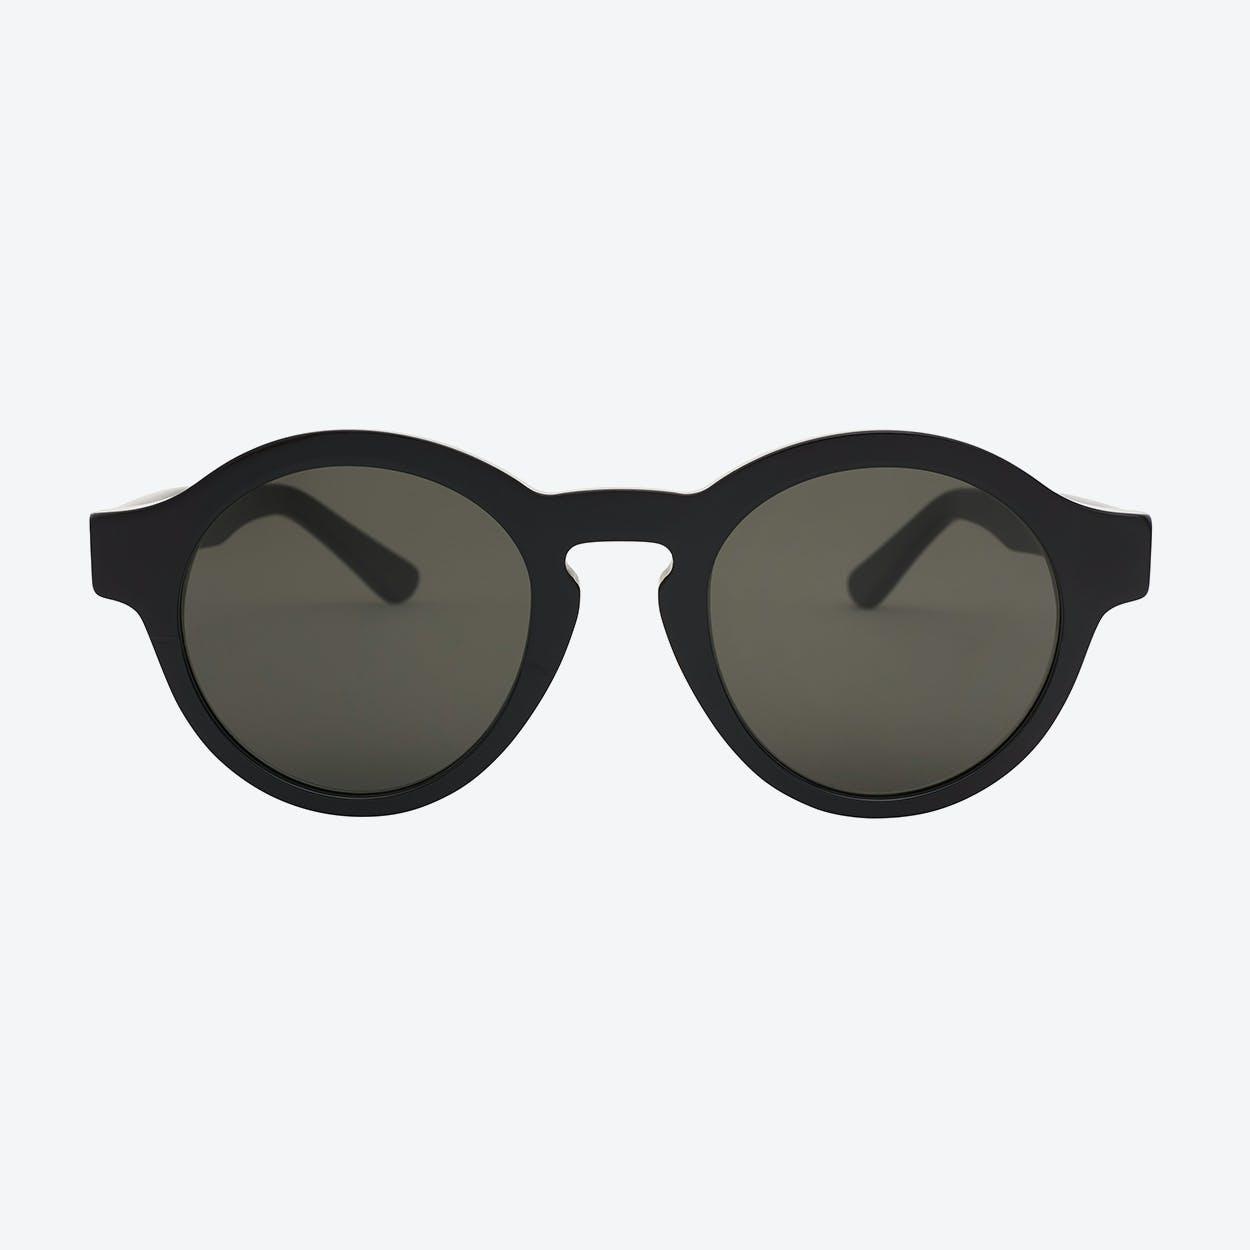 Esso Sunglasses in Black